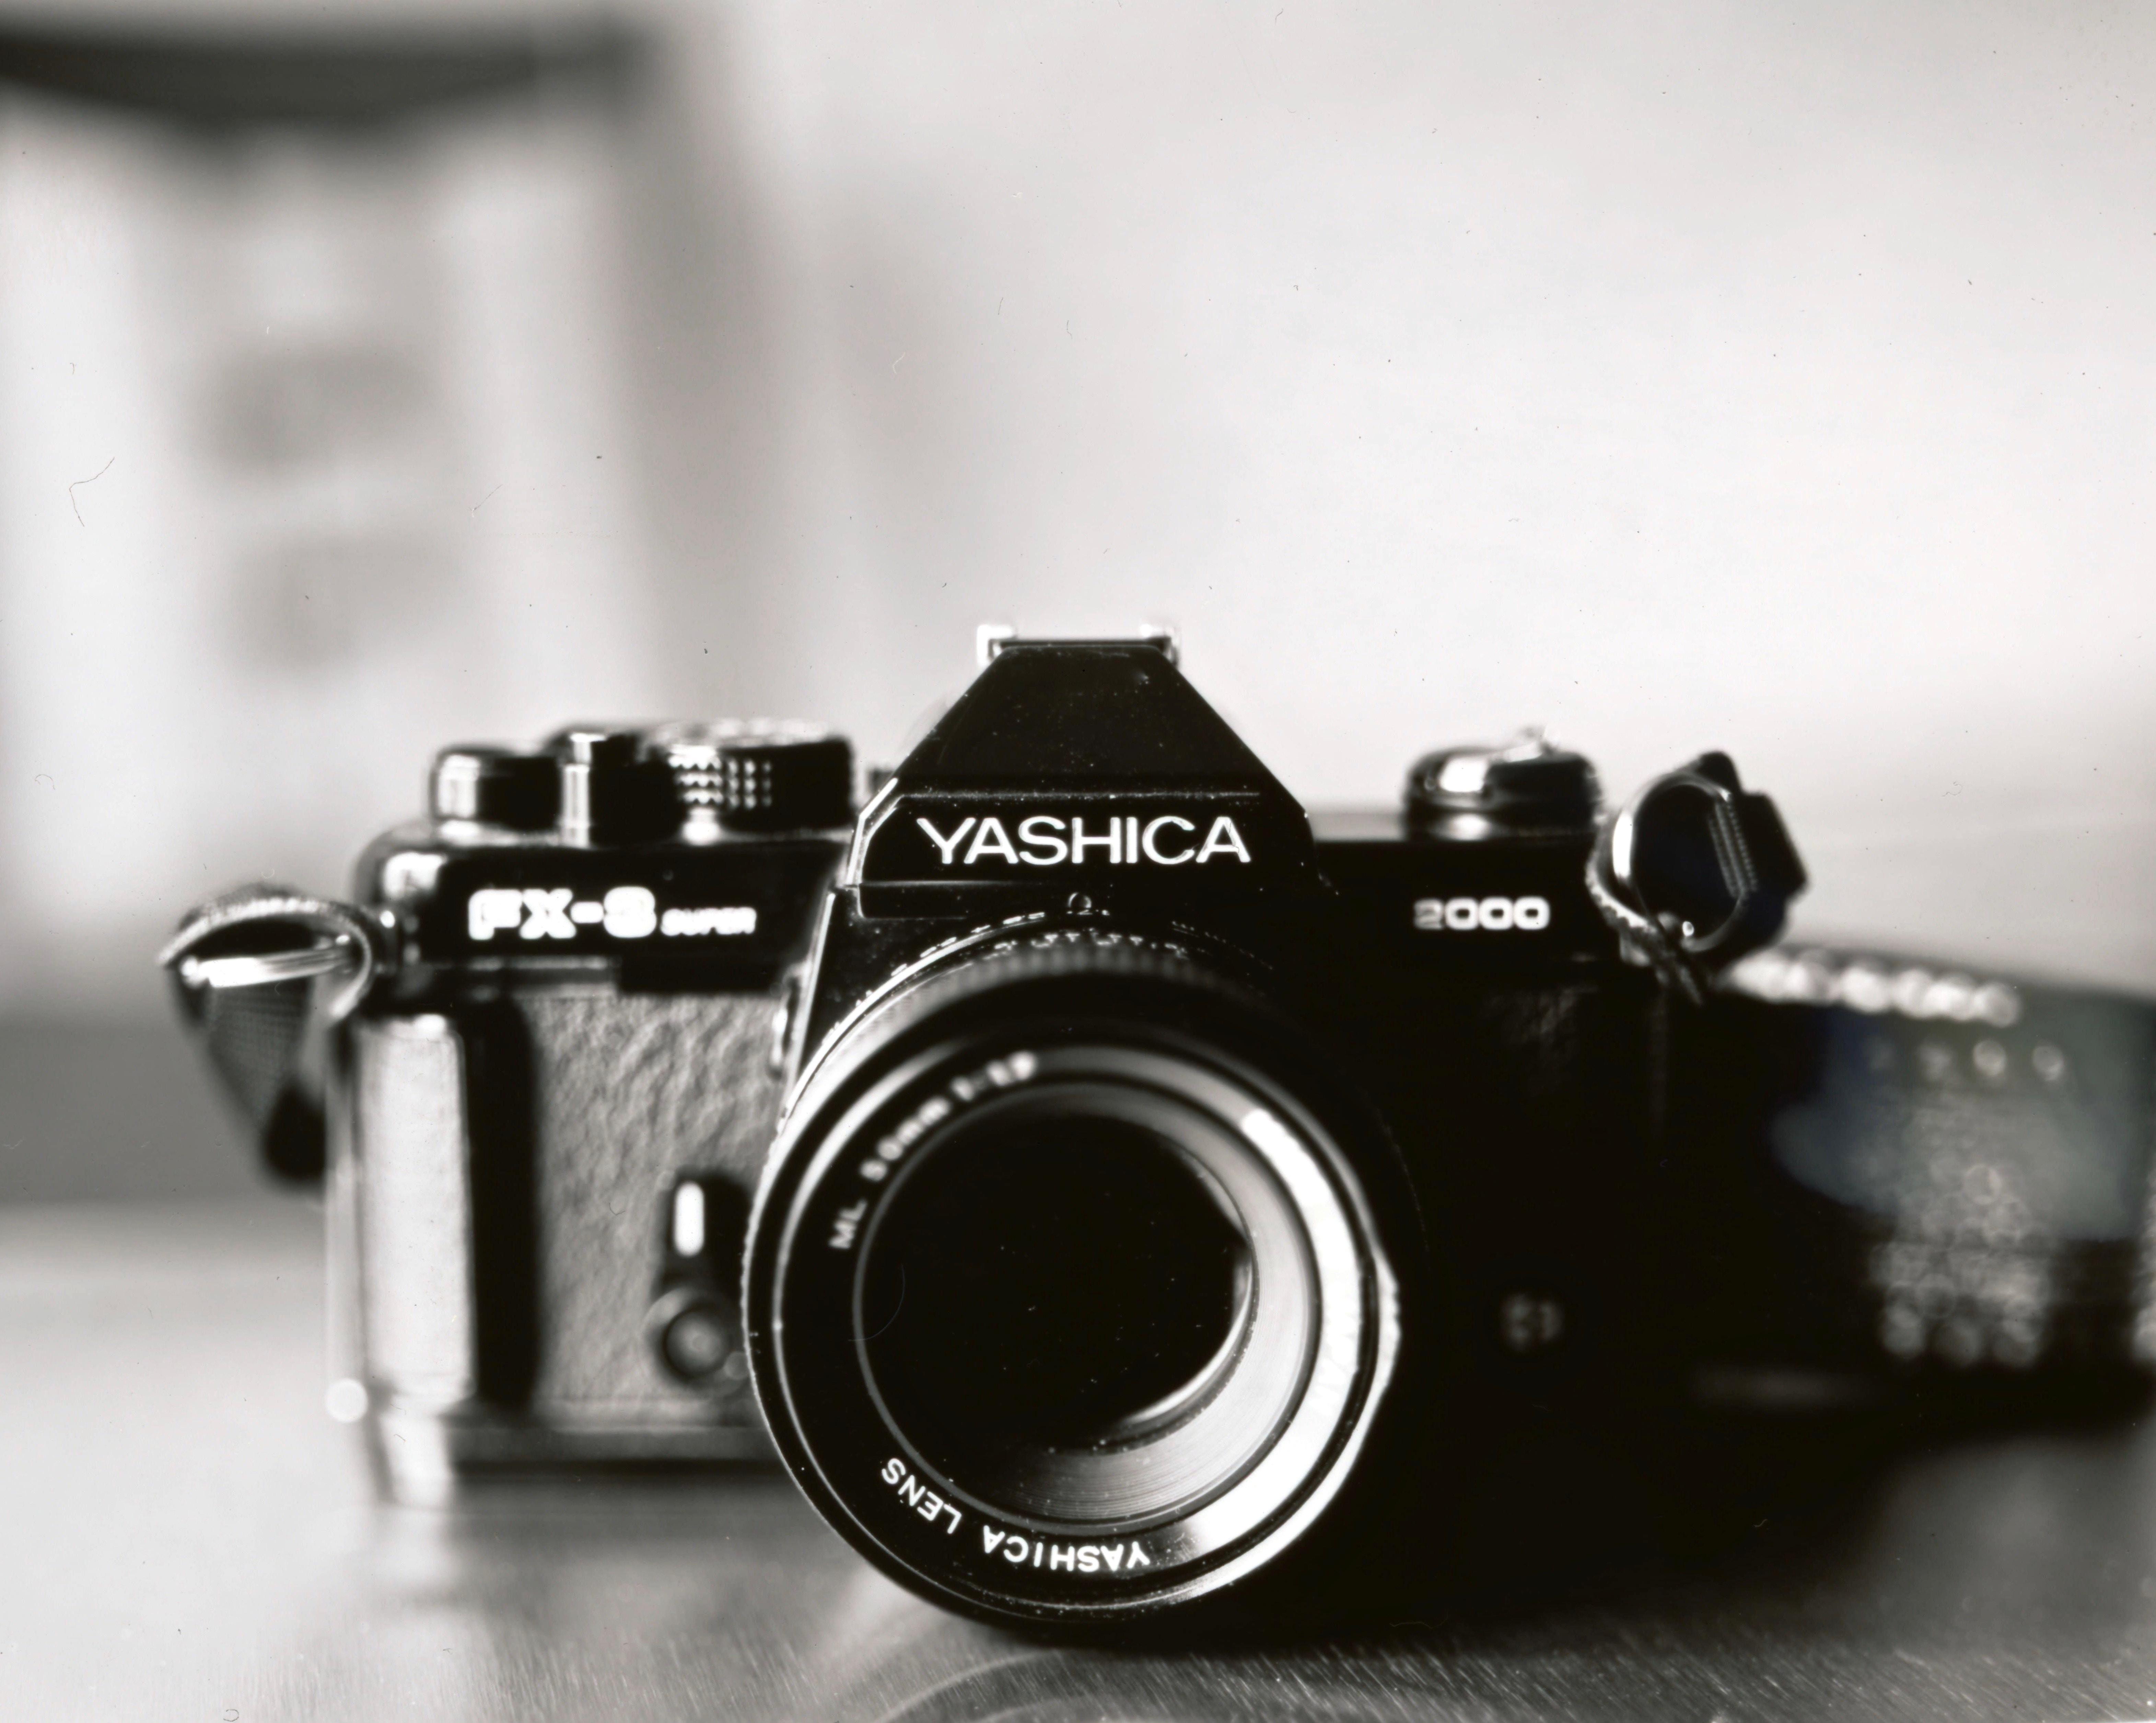 grayscsale photo of Kyocera Yashica FX-8 2000 camera